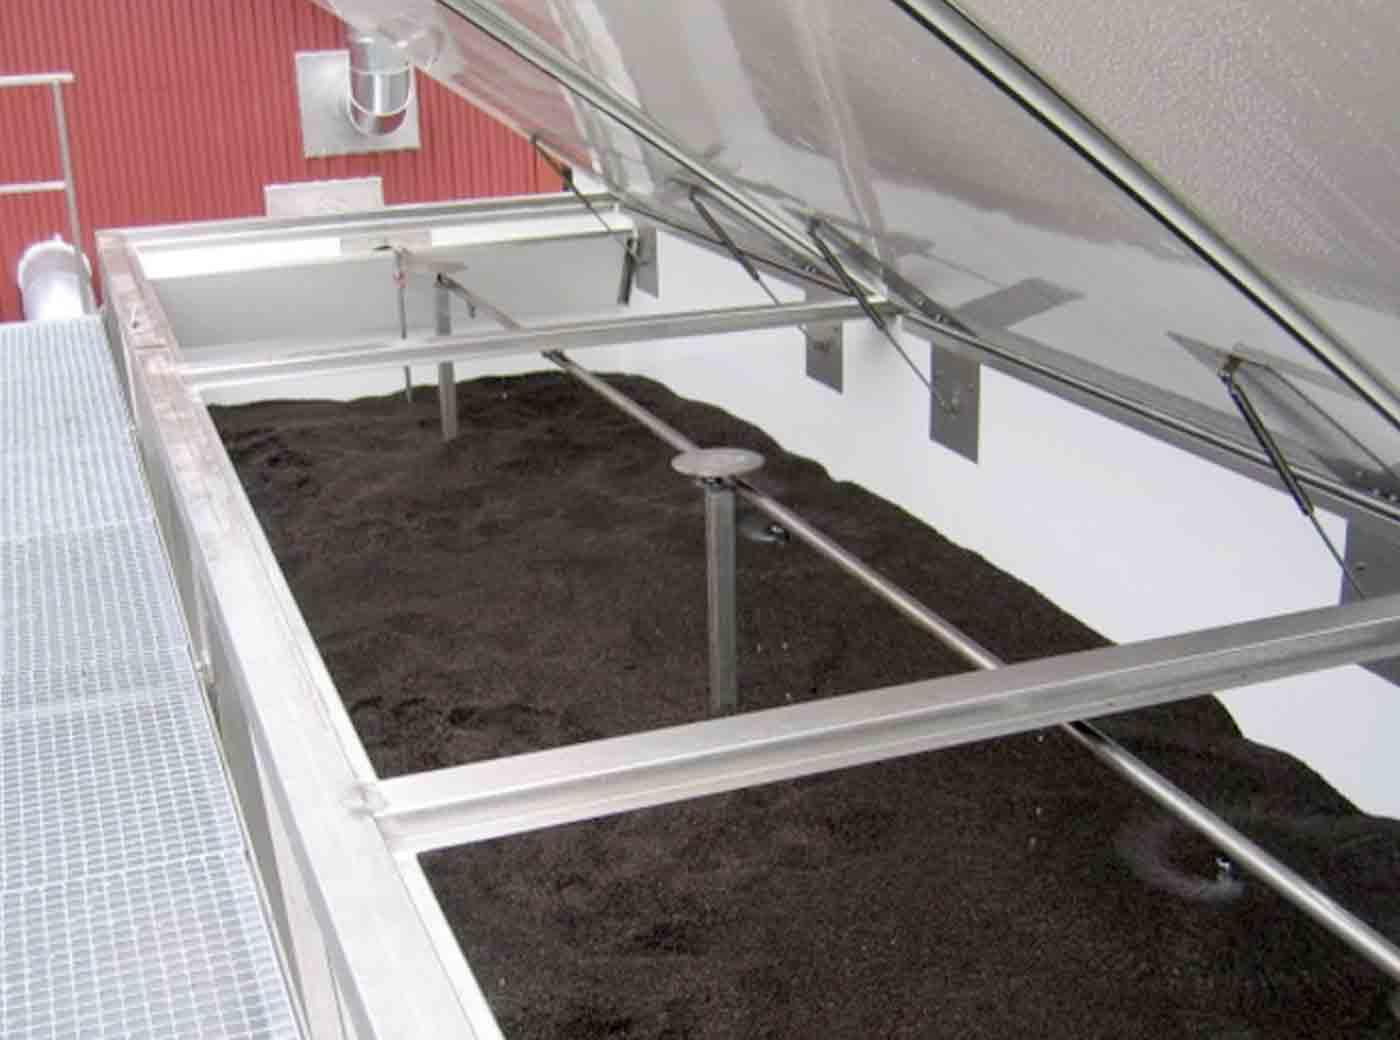 luftrensning-biofilter